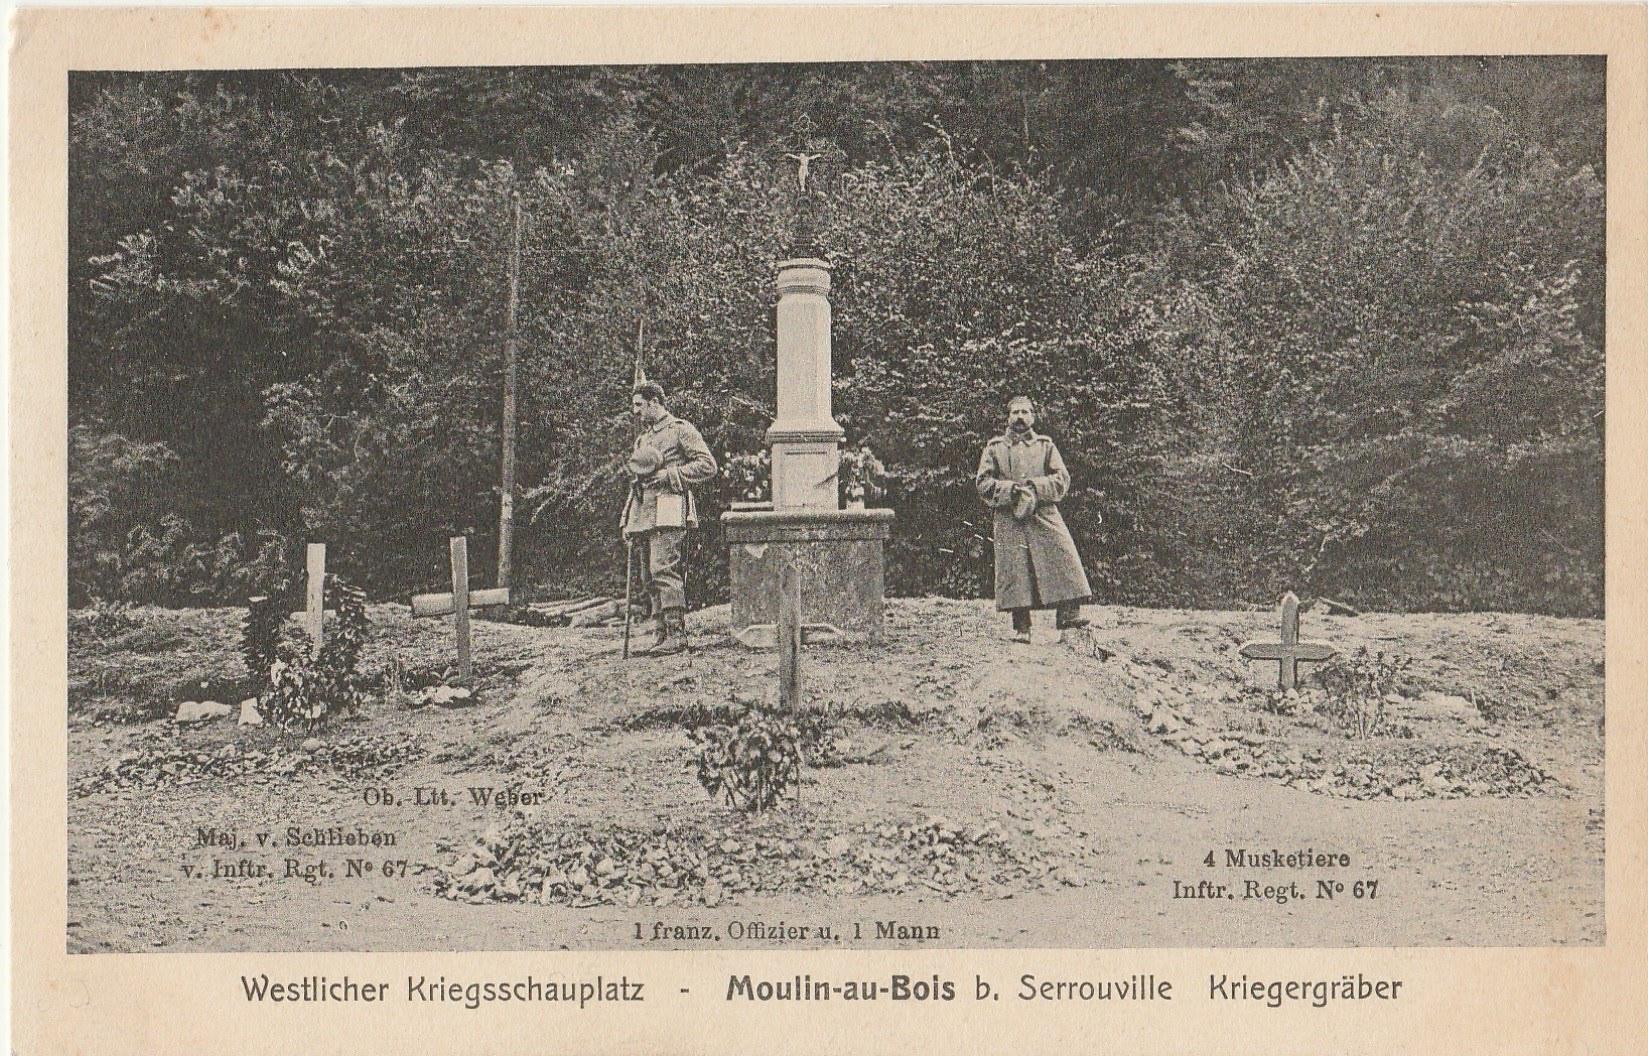 Serrouville